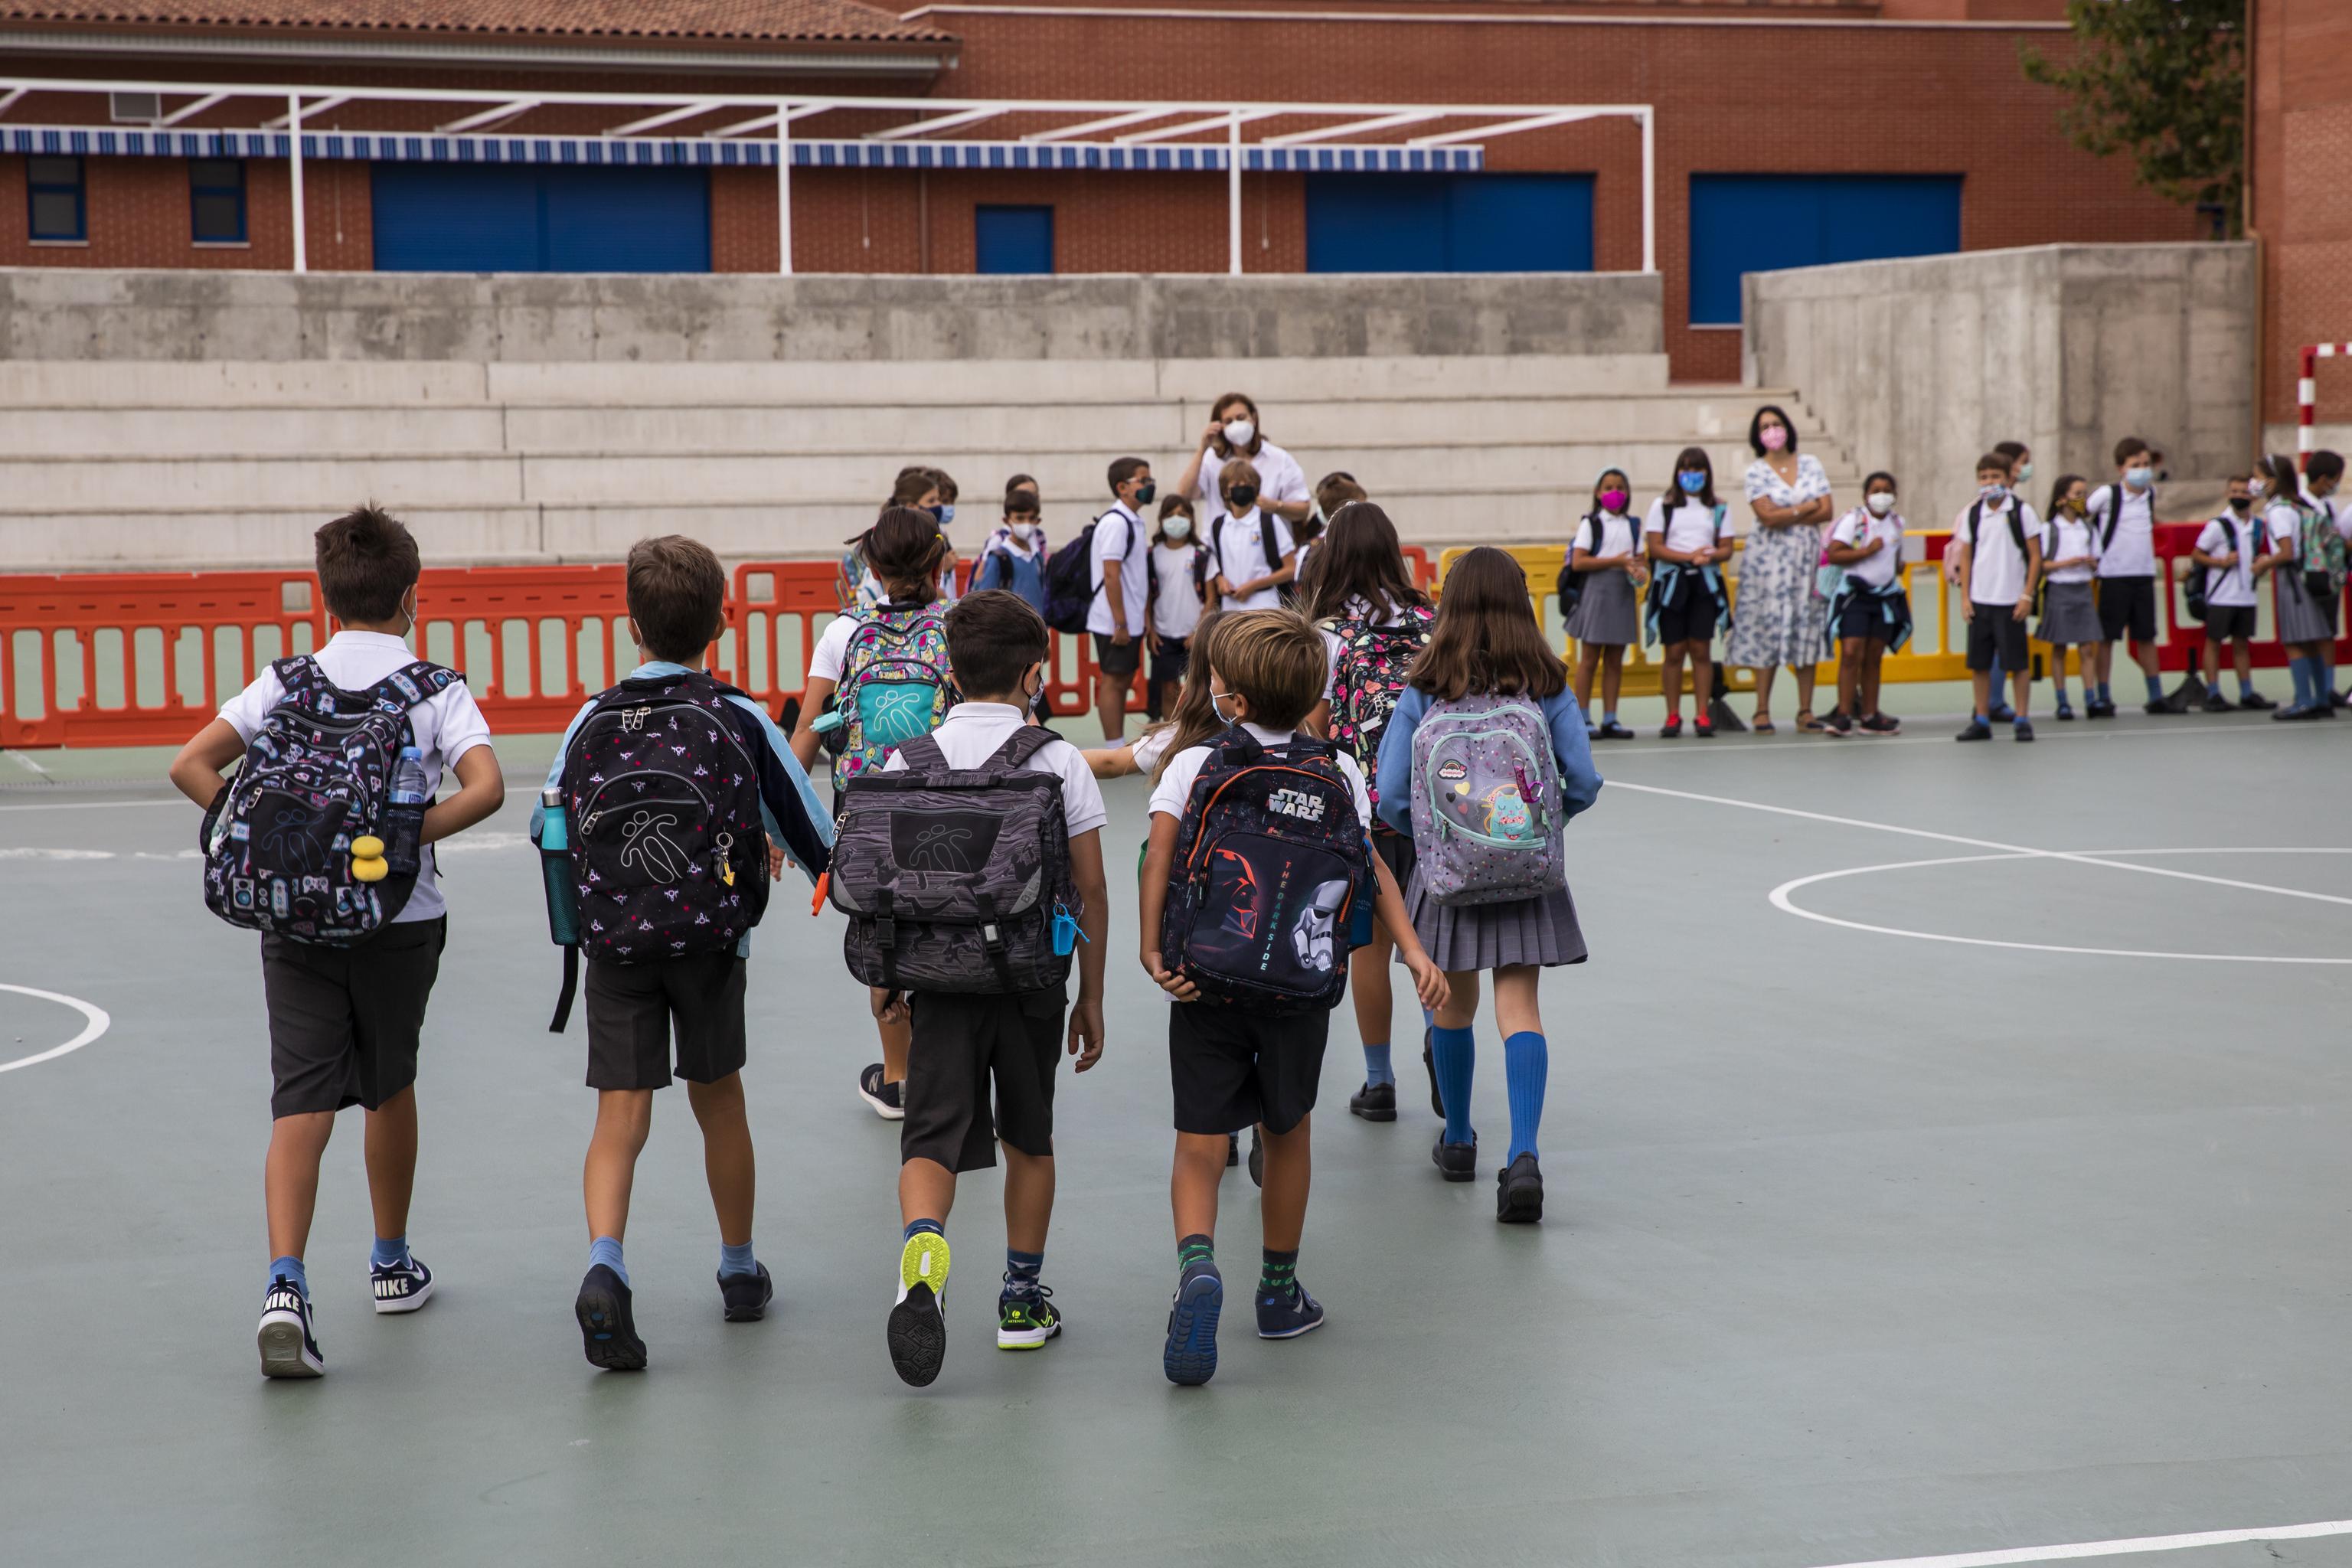 Primer día de colegio en un barrio madrileño.